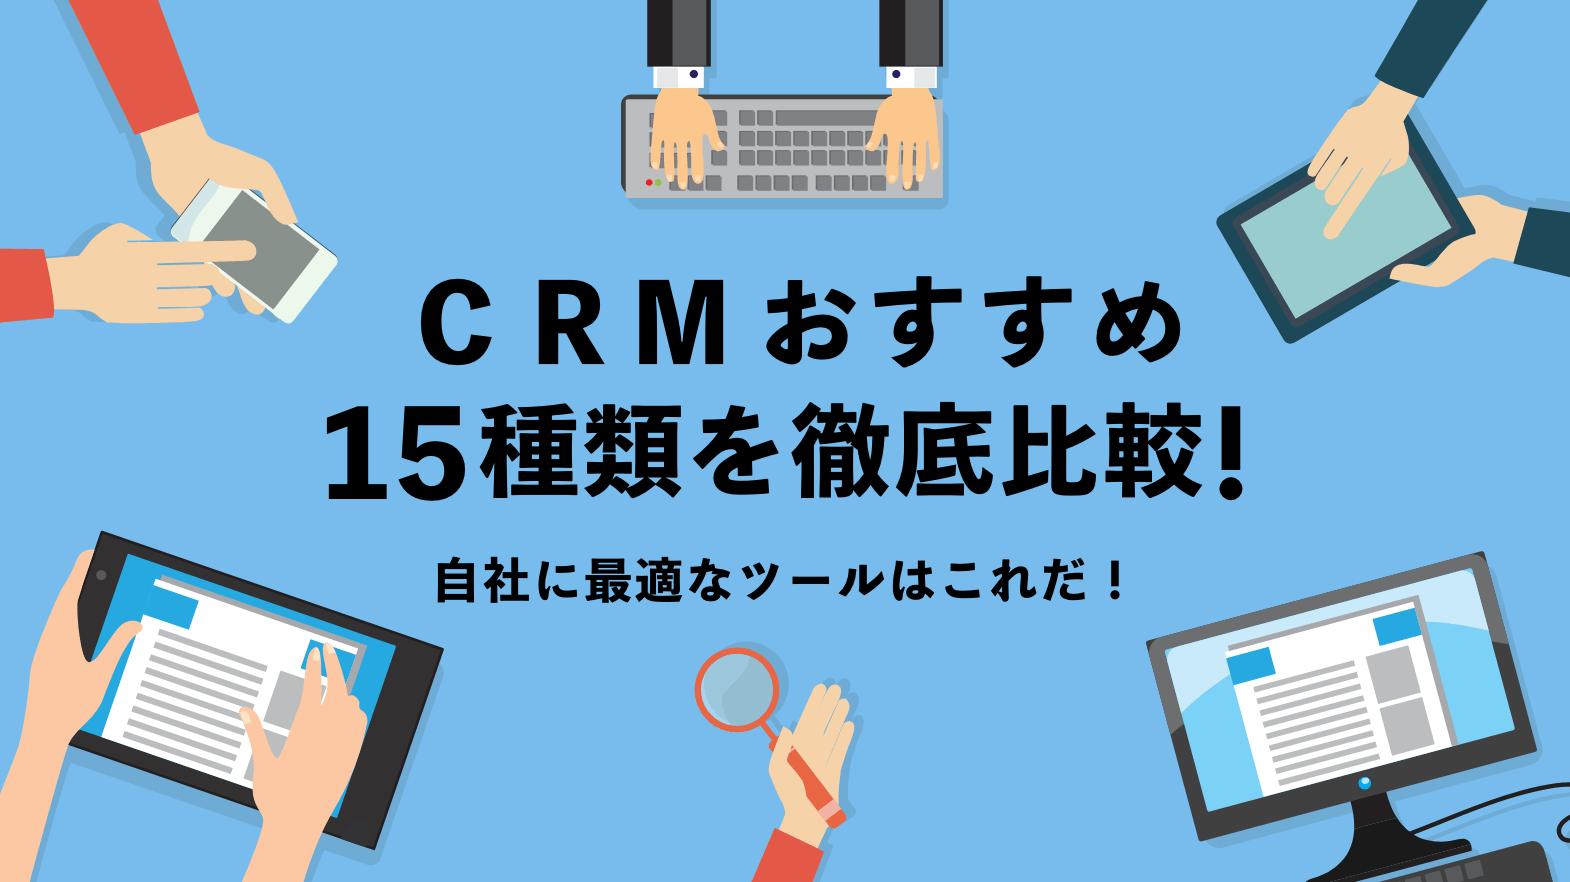 CRMおすすめ15種類を徹底比較!自社に最適なツールはこれだ!